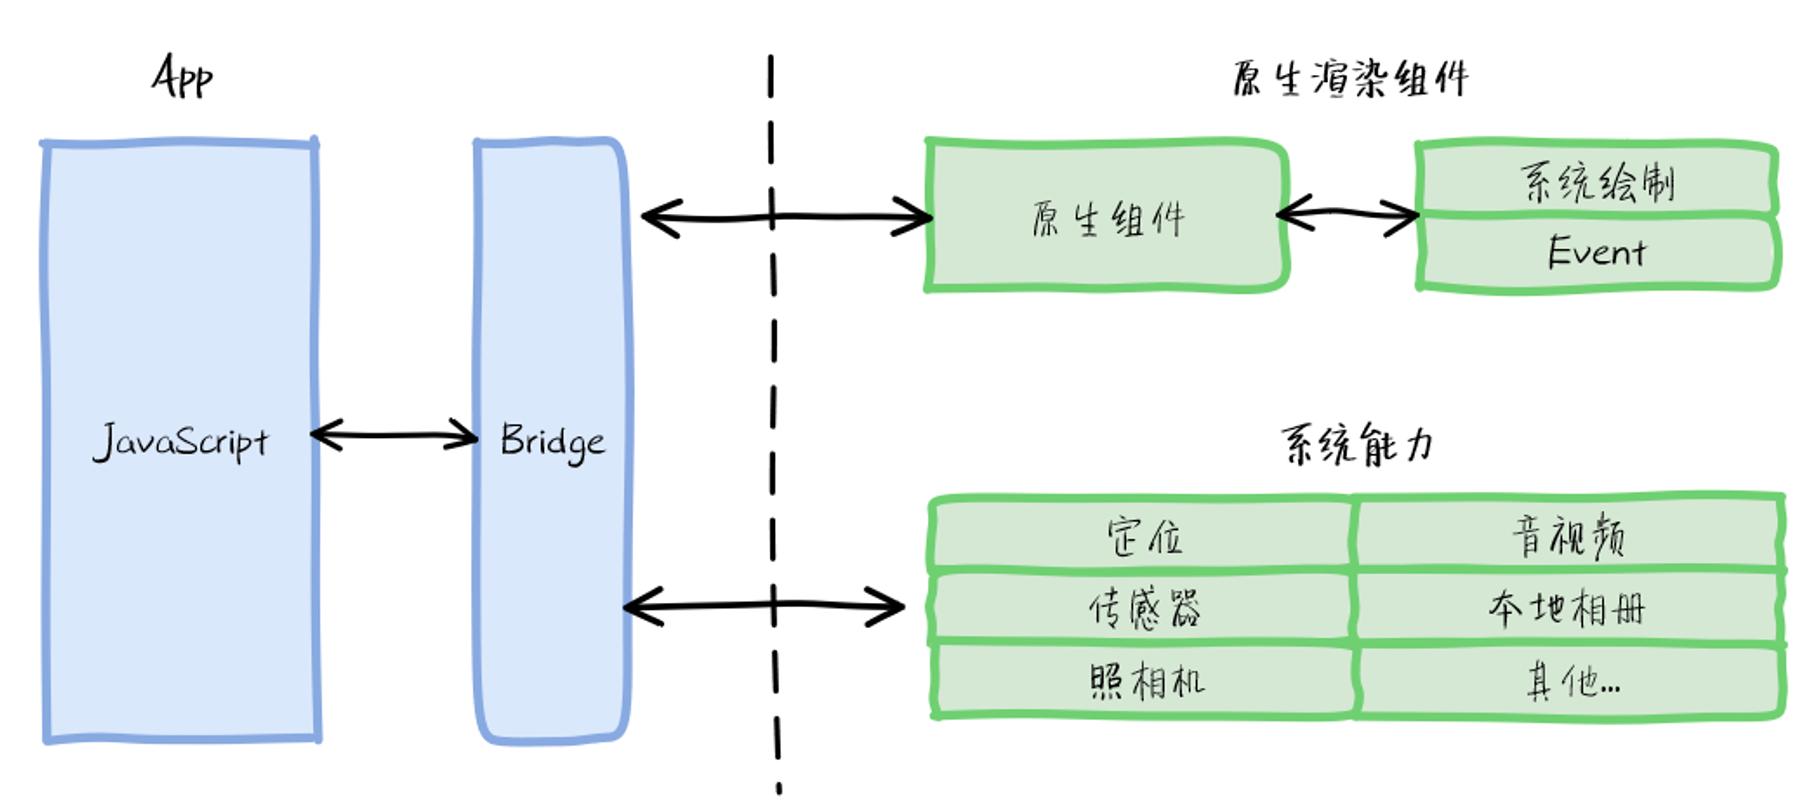 跨端方案2